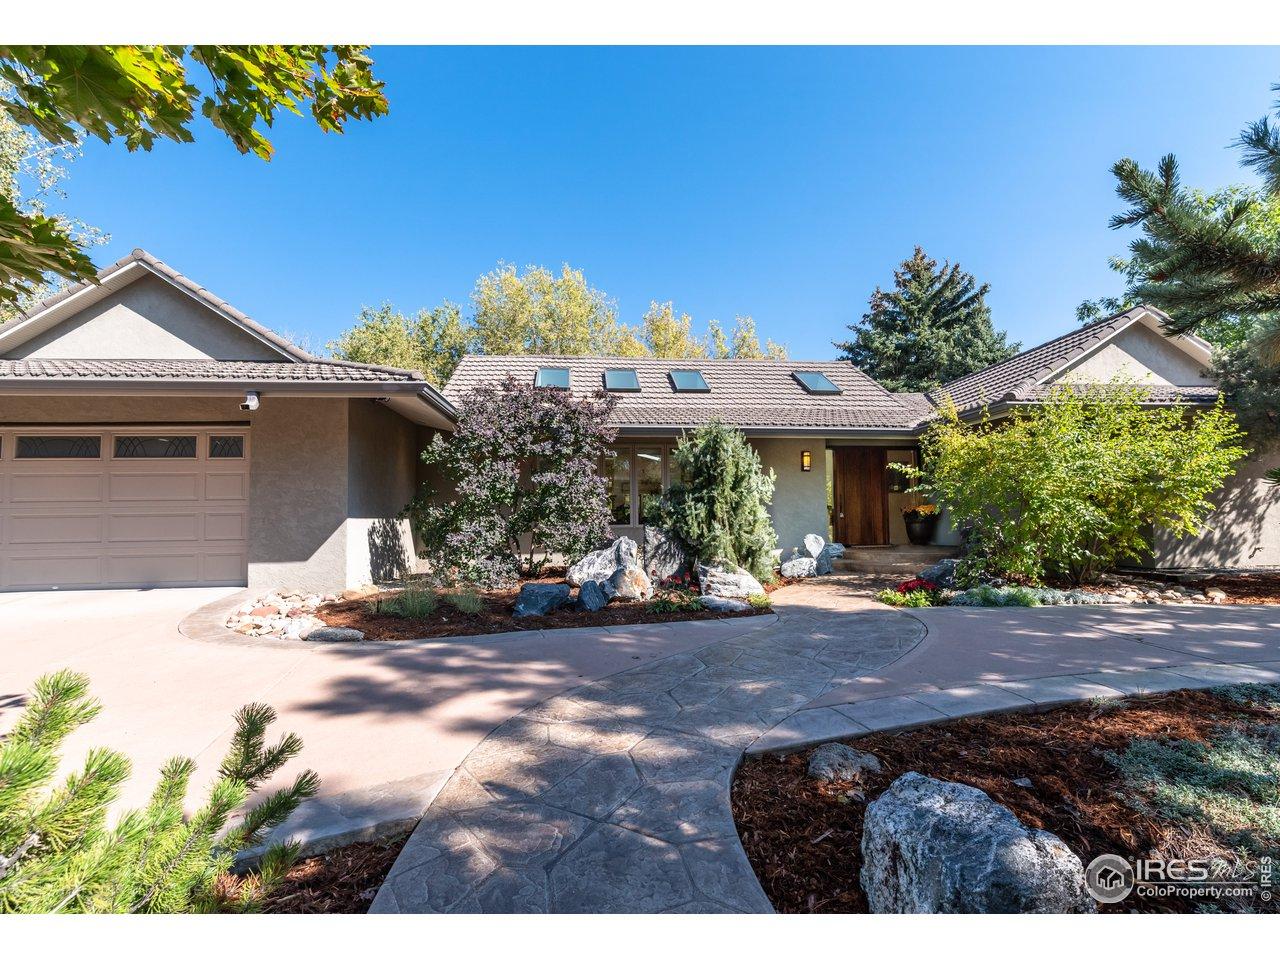 890 Laurel Ave, Boulder CO 80303